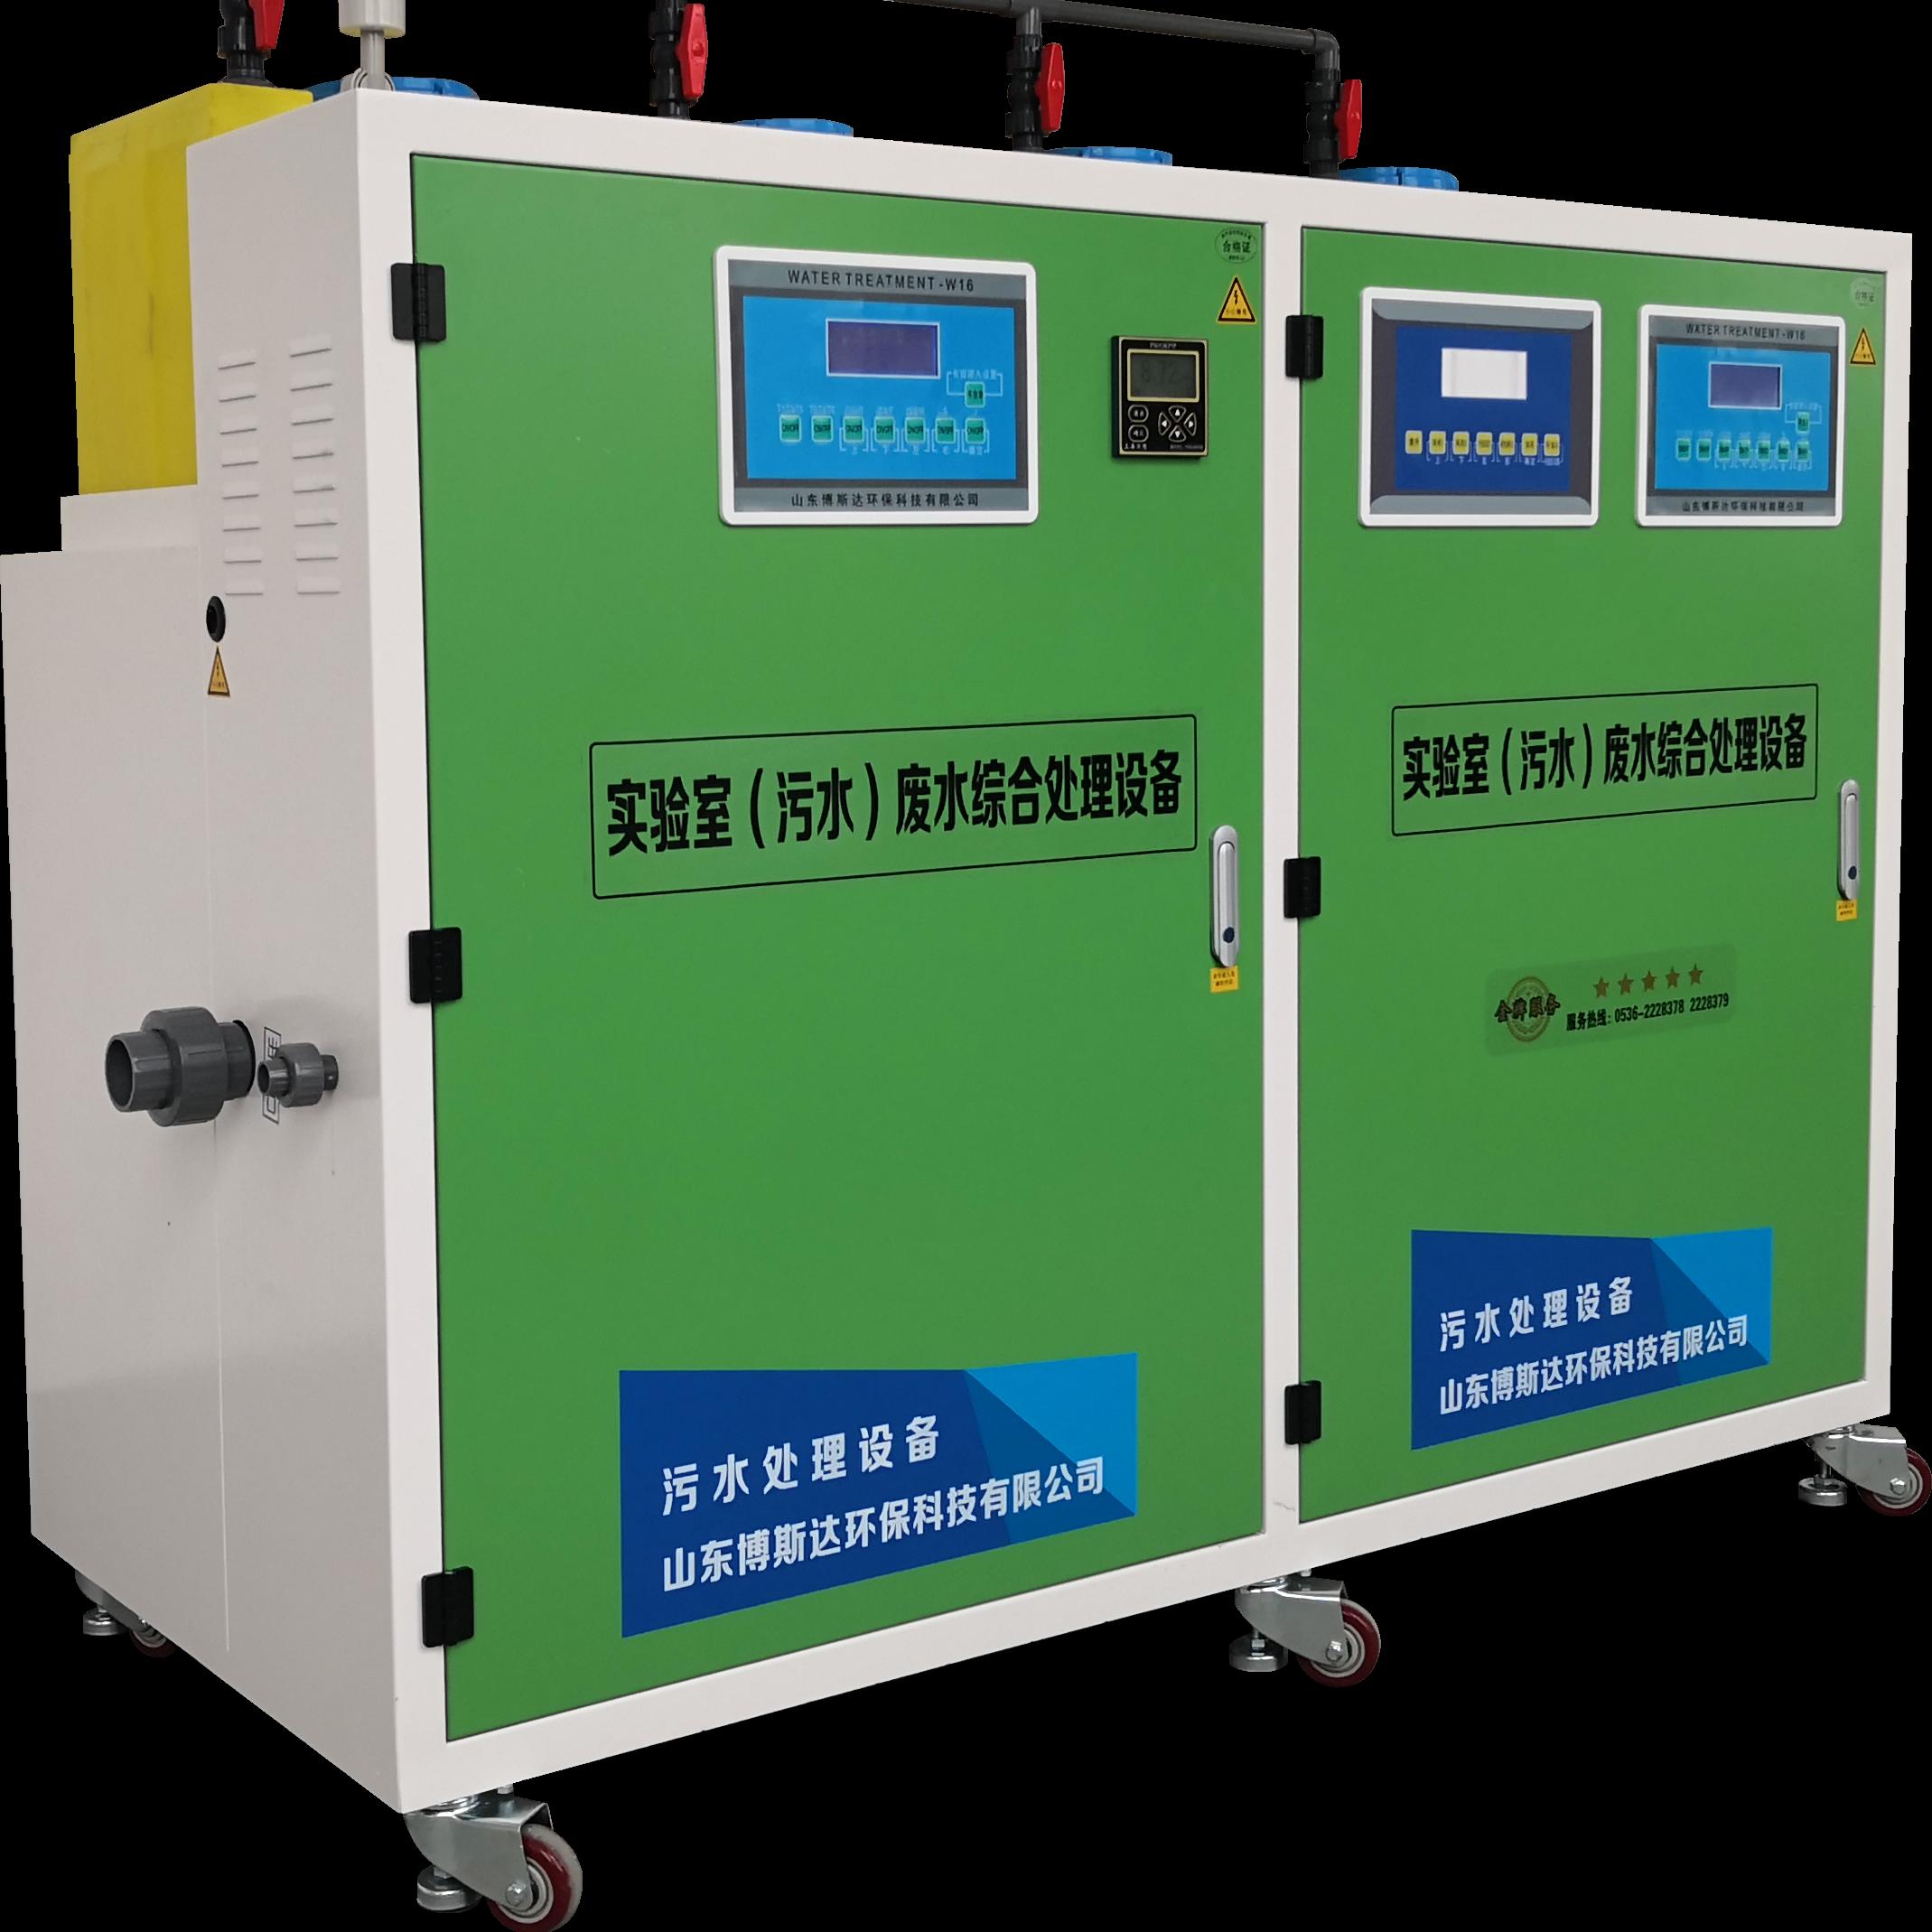 化验室污水处理设备 处理方式